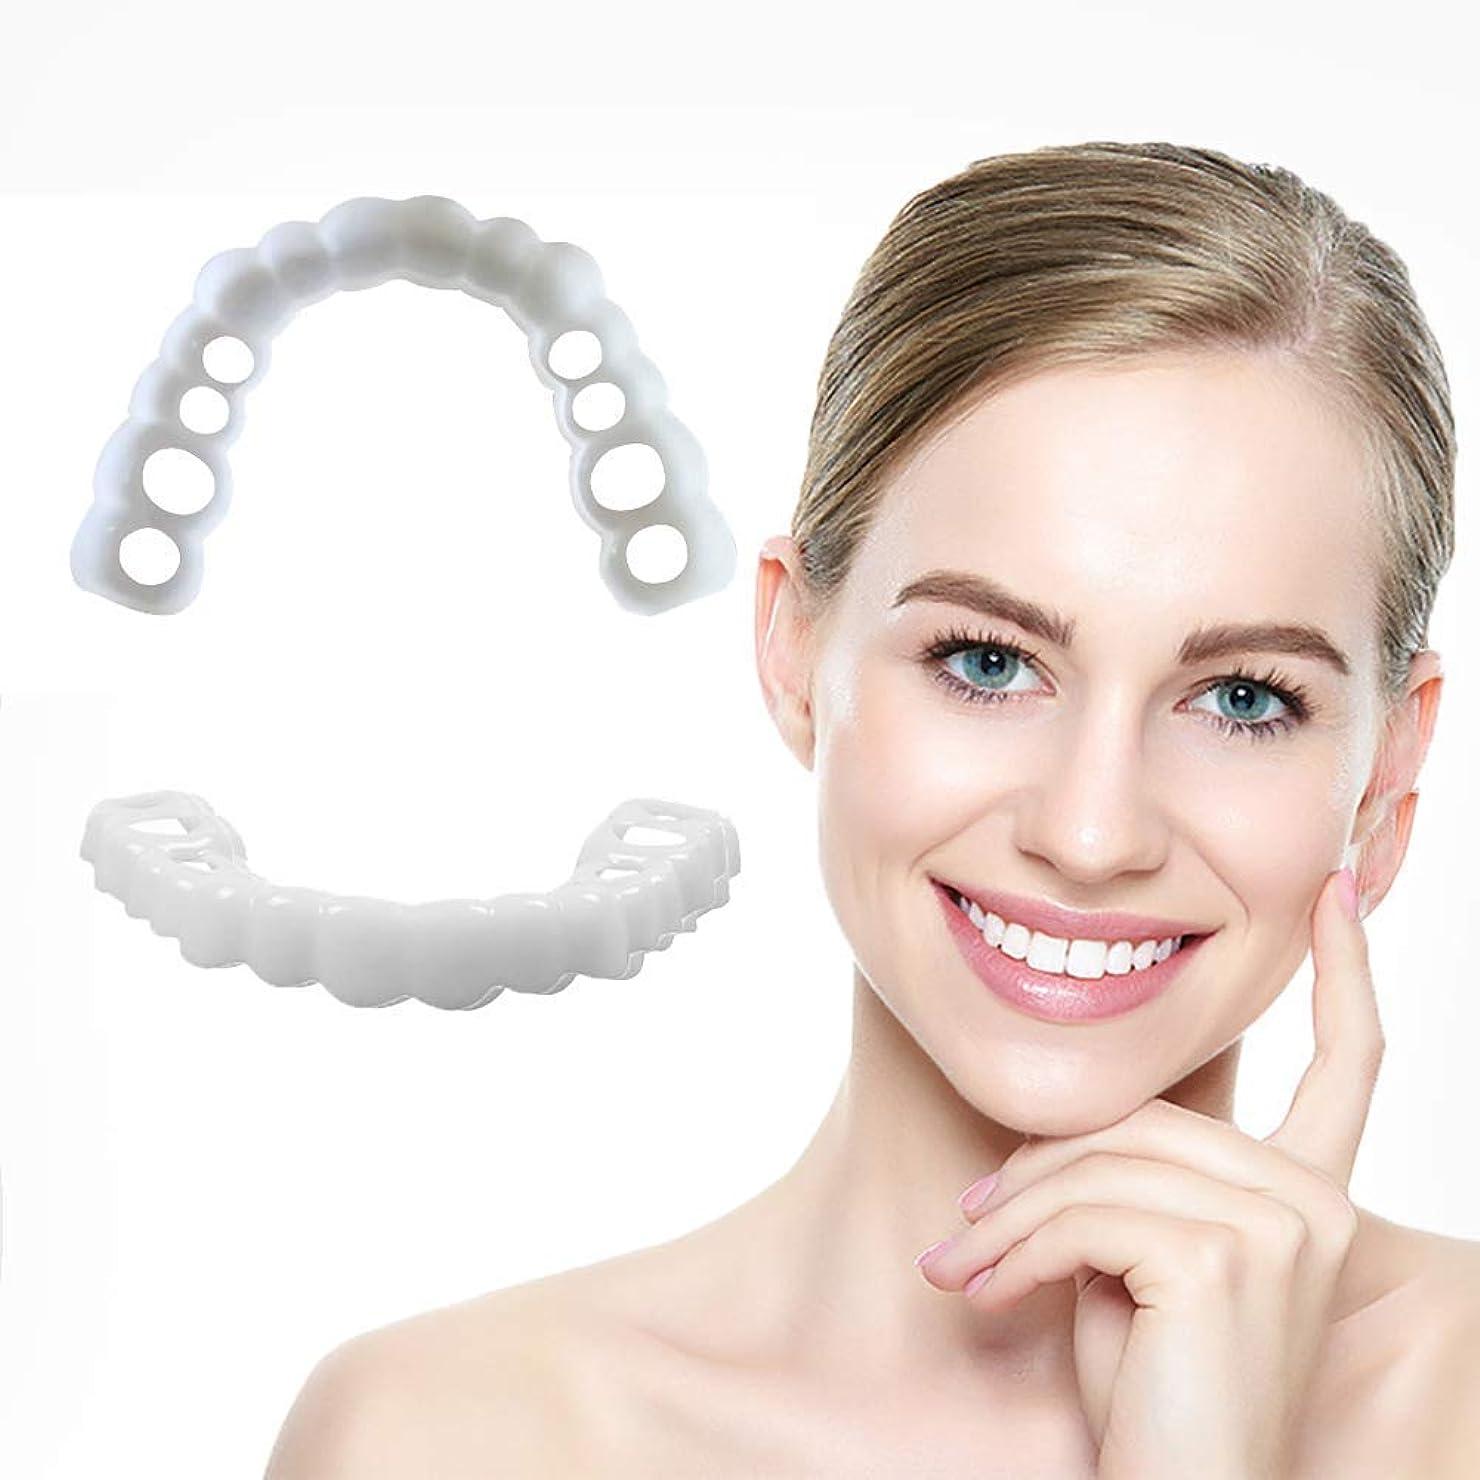 分布一貫した前部上歯下歯シミュレーションブレースホワイトニングセット第2世代シリカゲルシミュレーション歯義歯,5Set